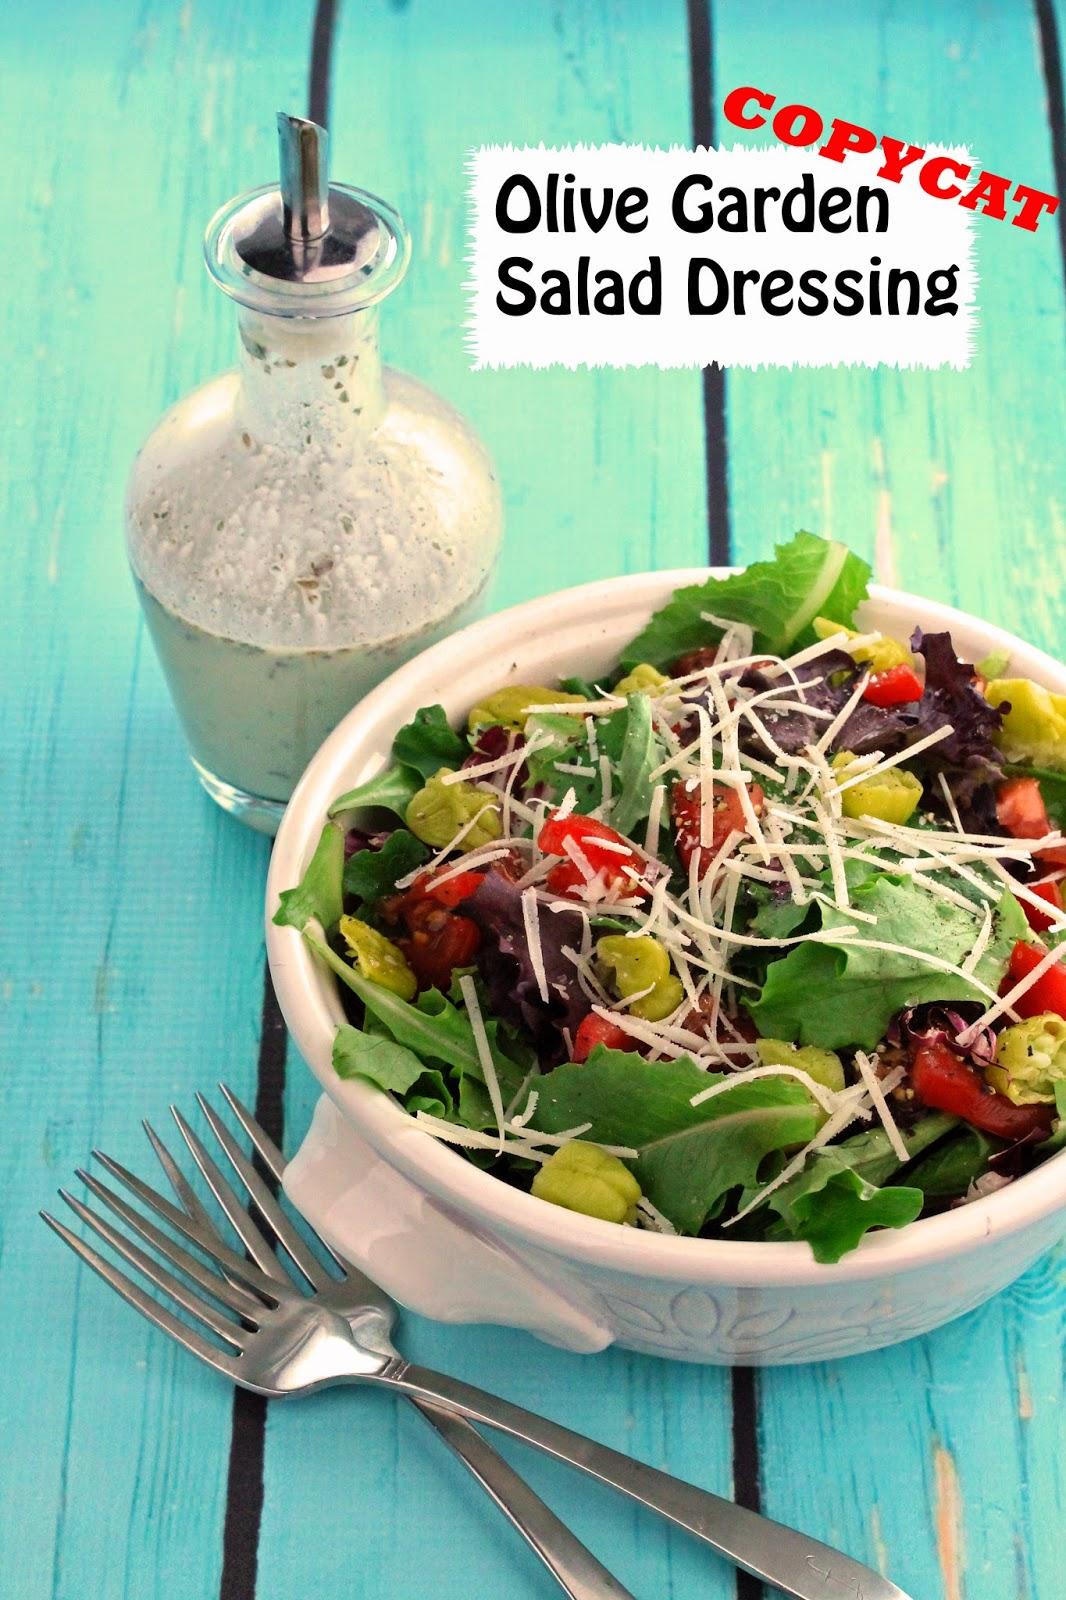 copycat olive garden salad dressing - Olive Garden Salad